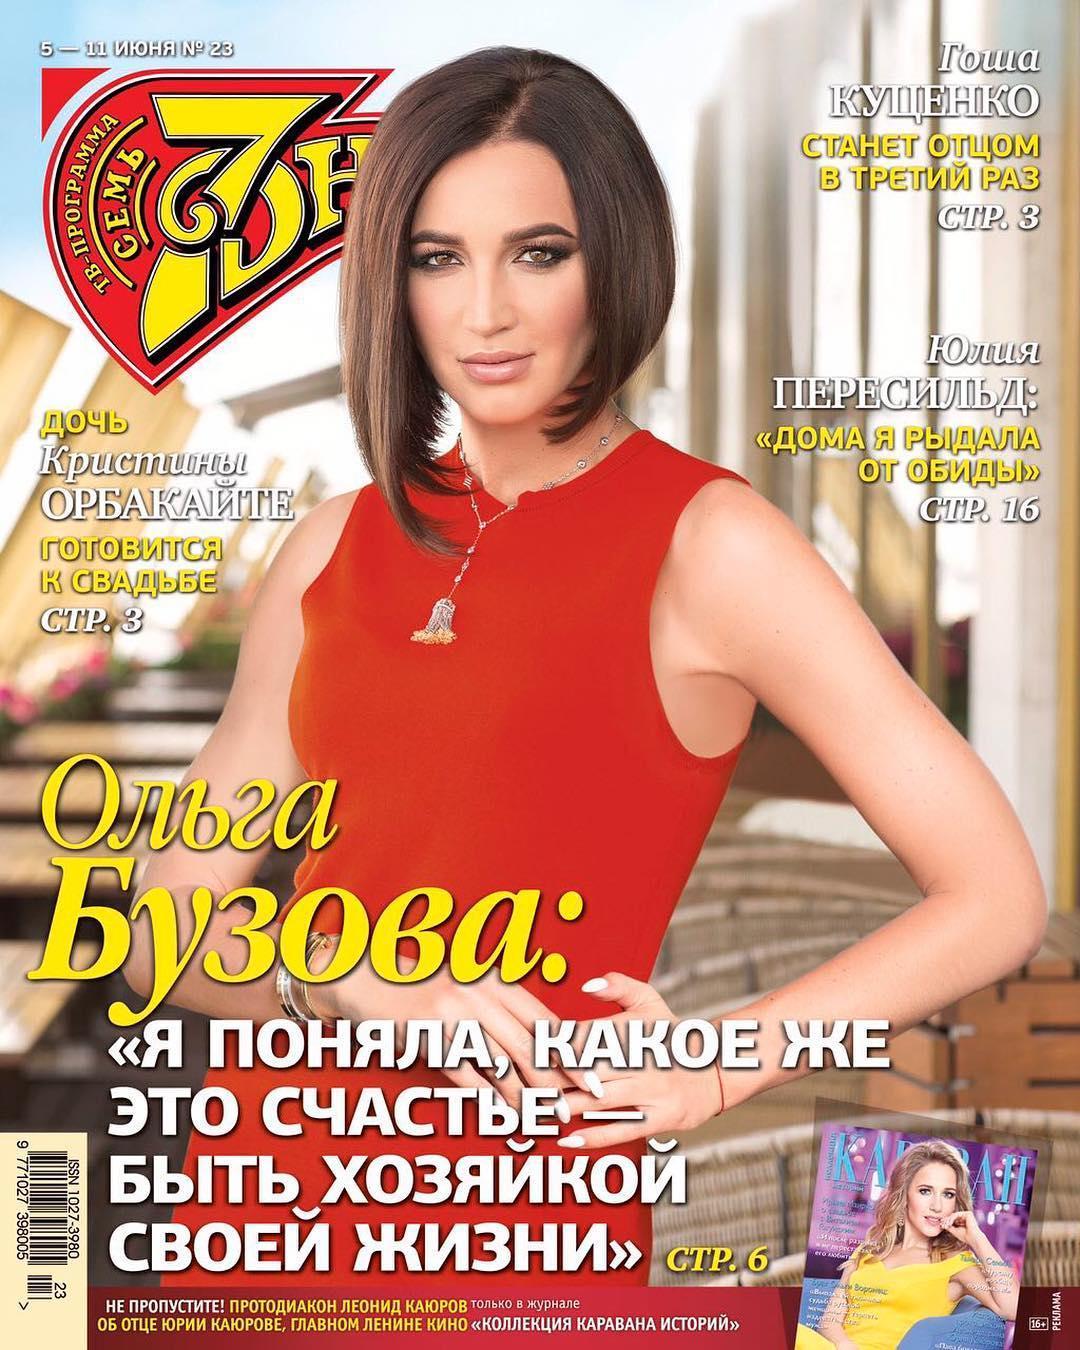 Женский журнал Womanru звезды мода красота любовь